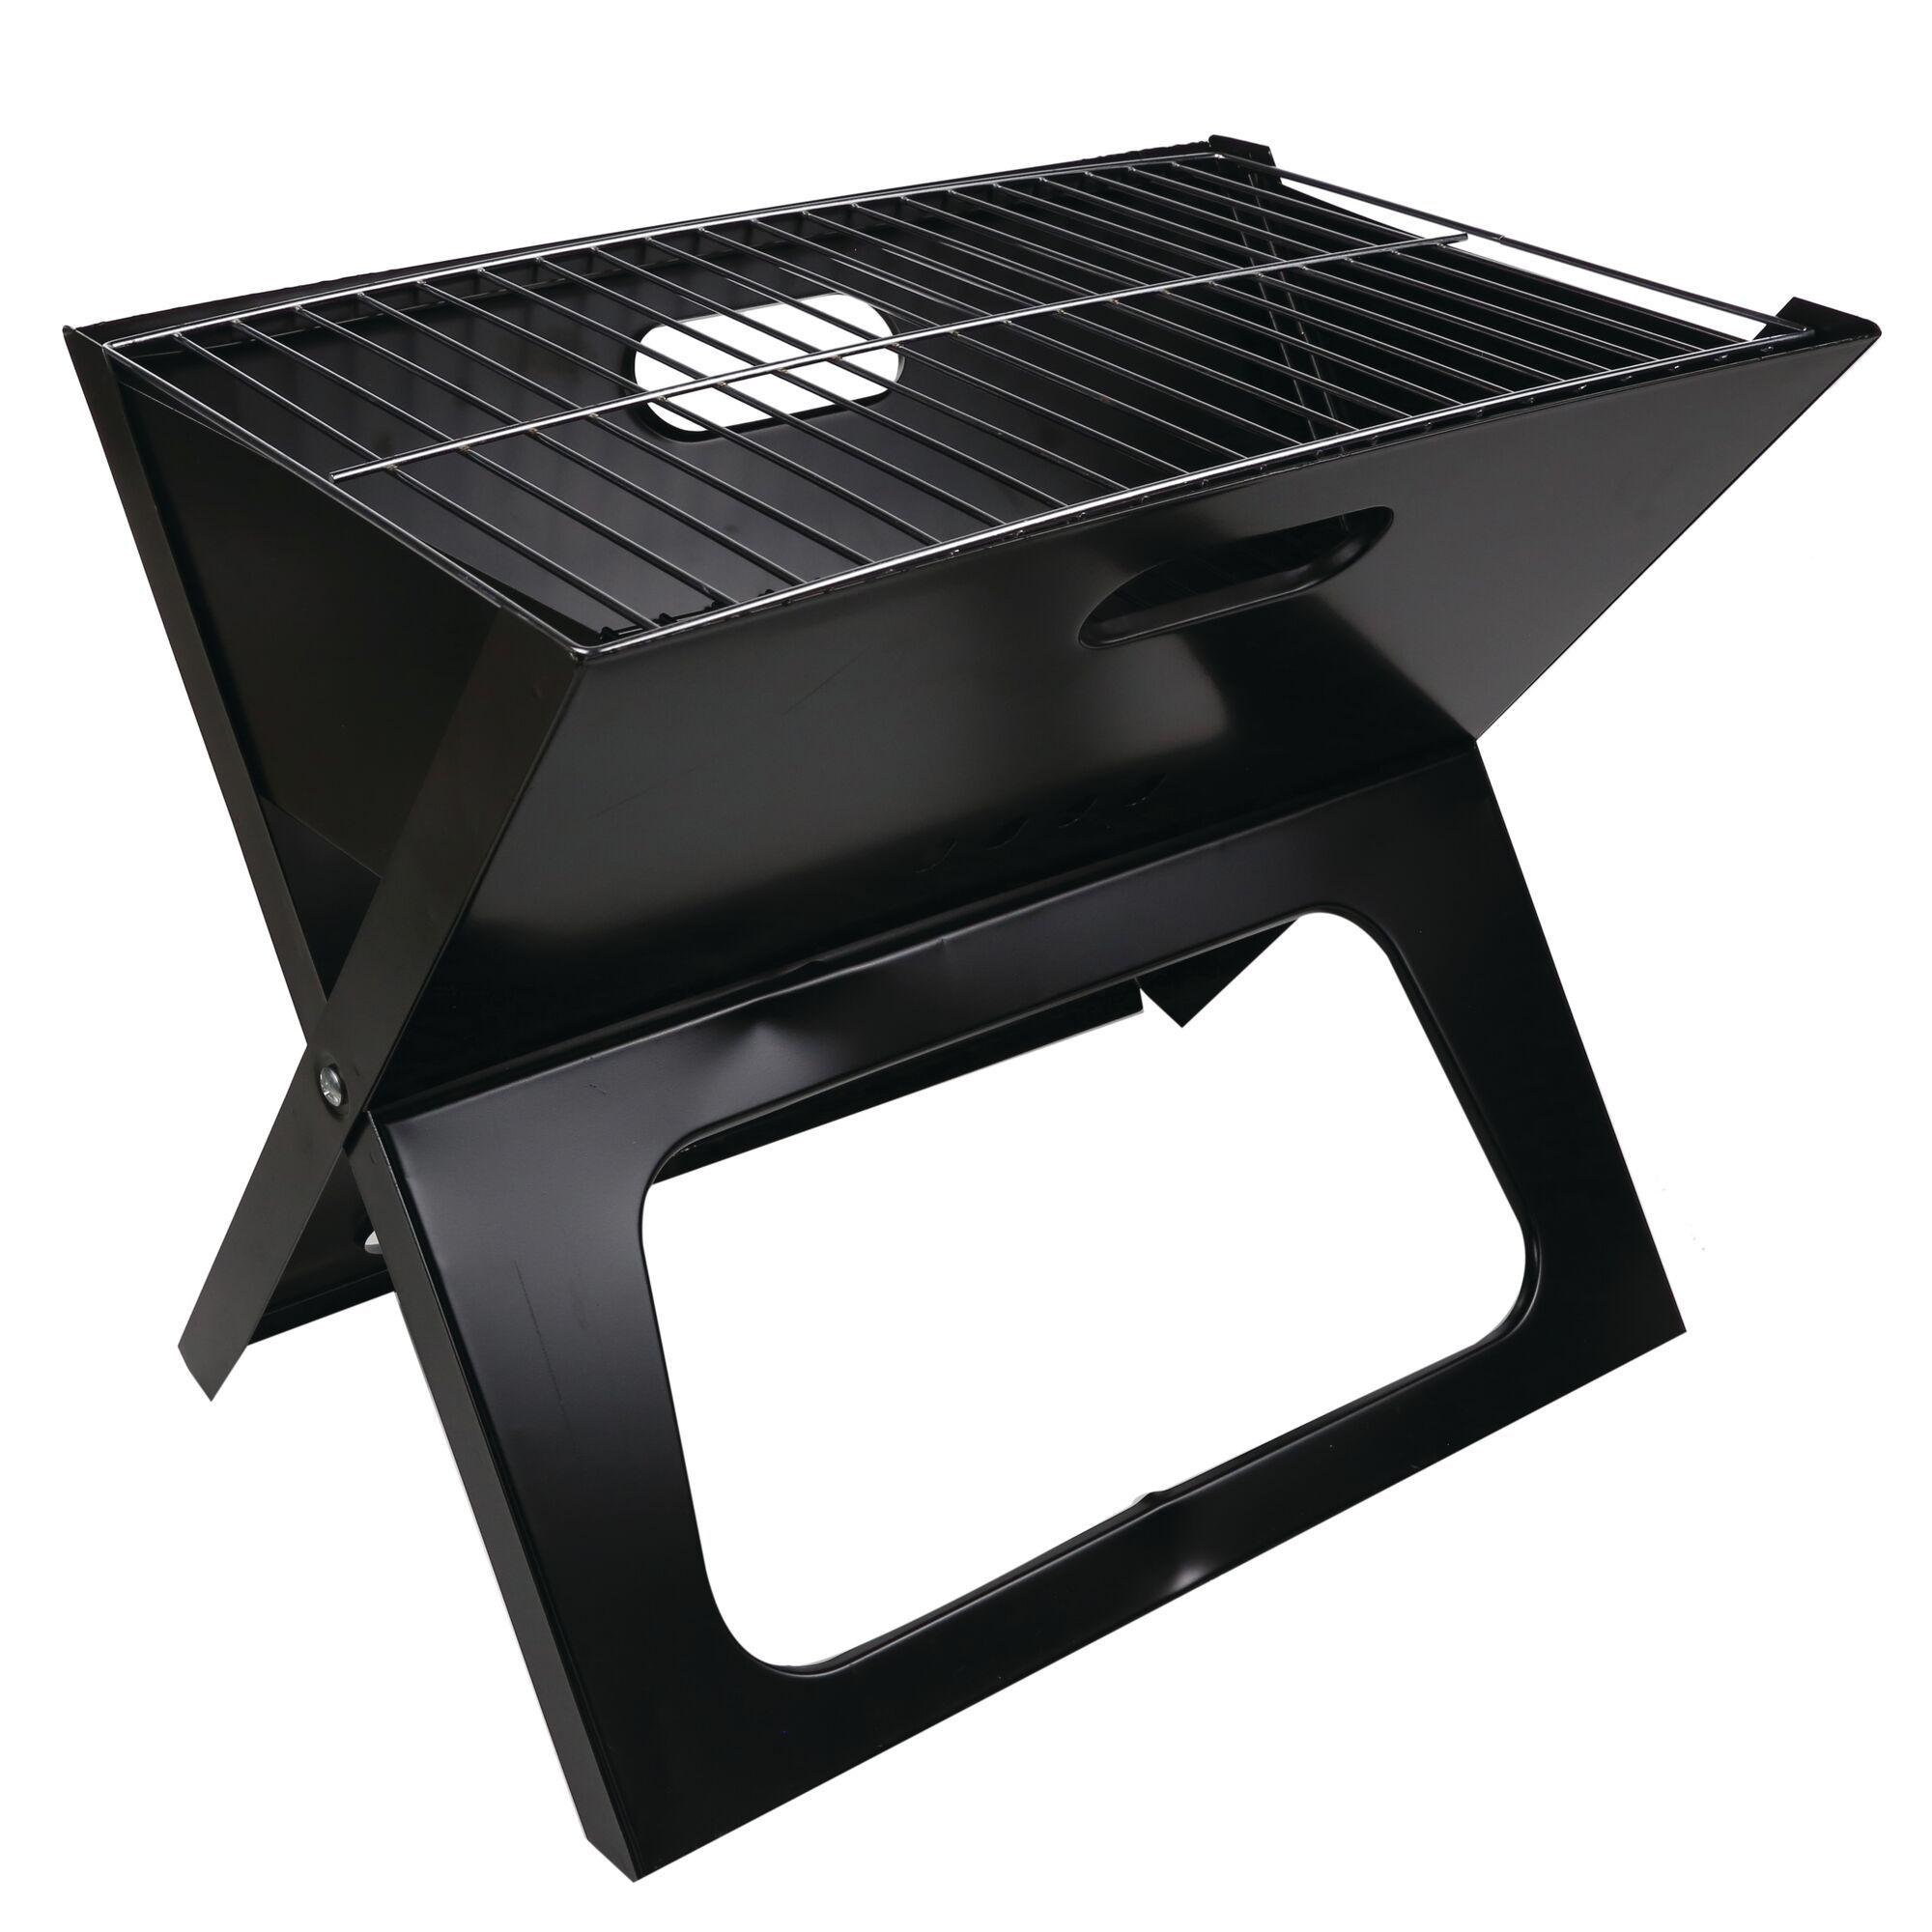 Fold Away BBQ Grill Black